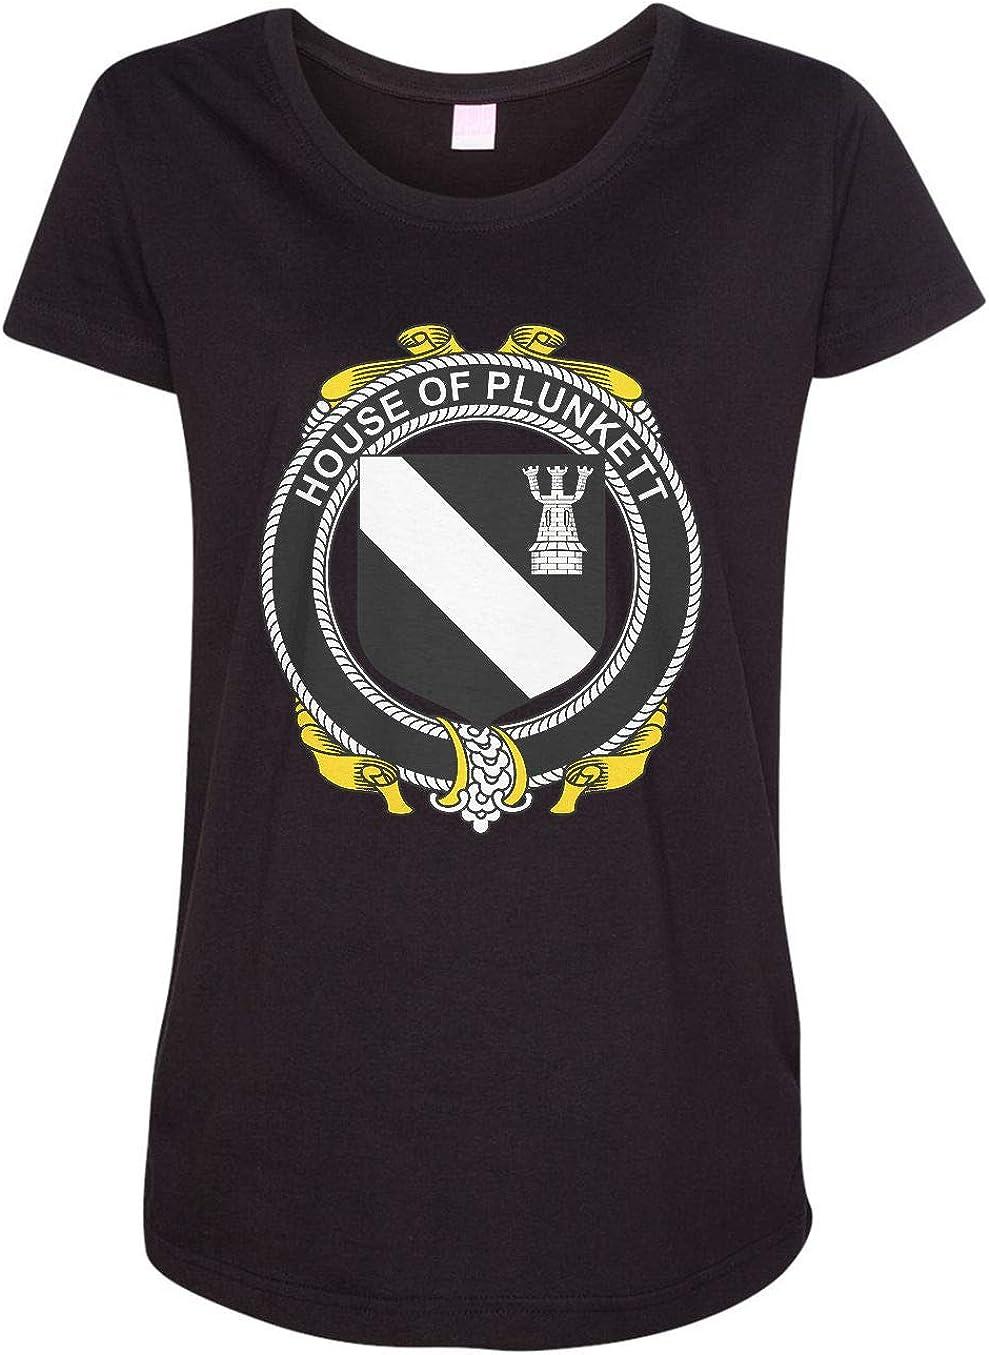 HARD EDGE DESIGN Women's Irish House Heraldry Plunkett T-Shirt